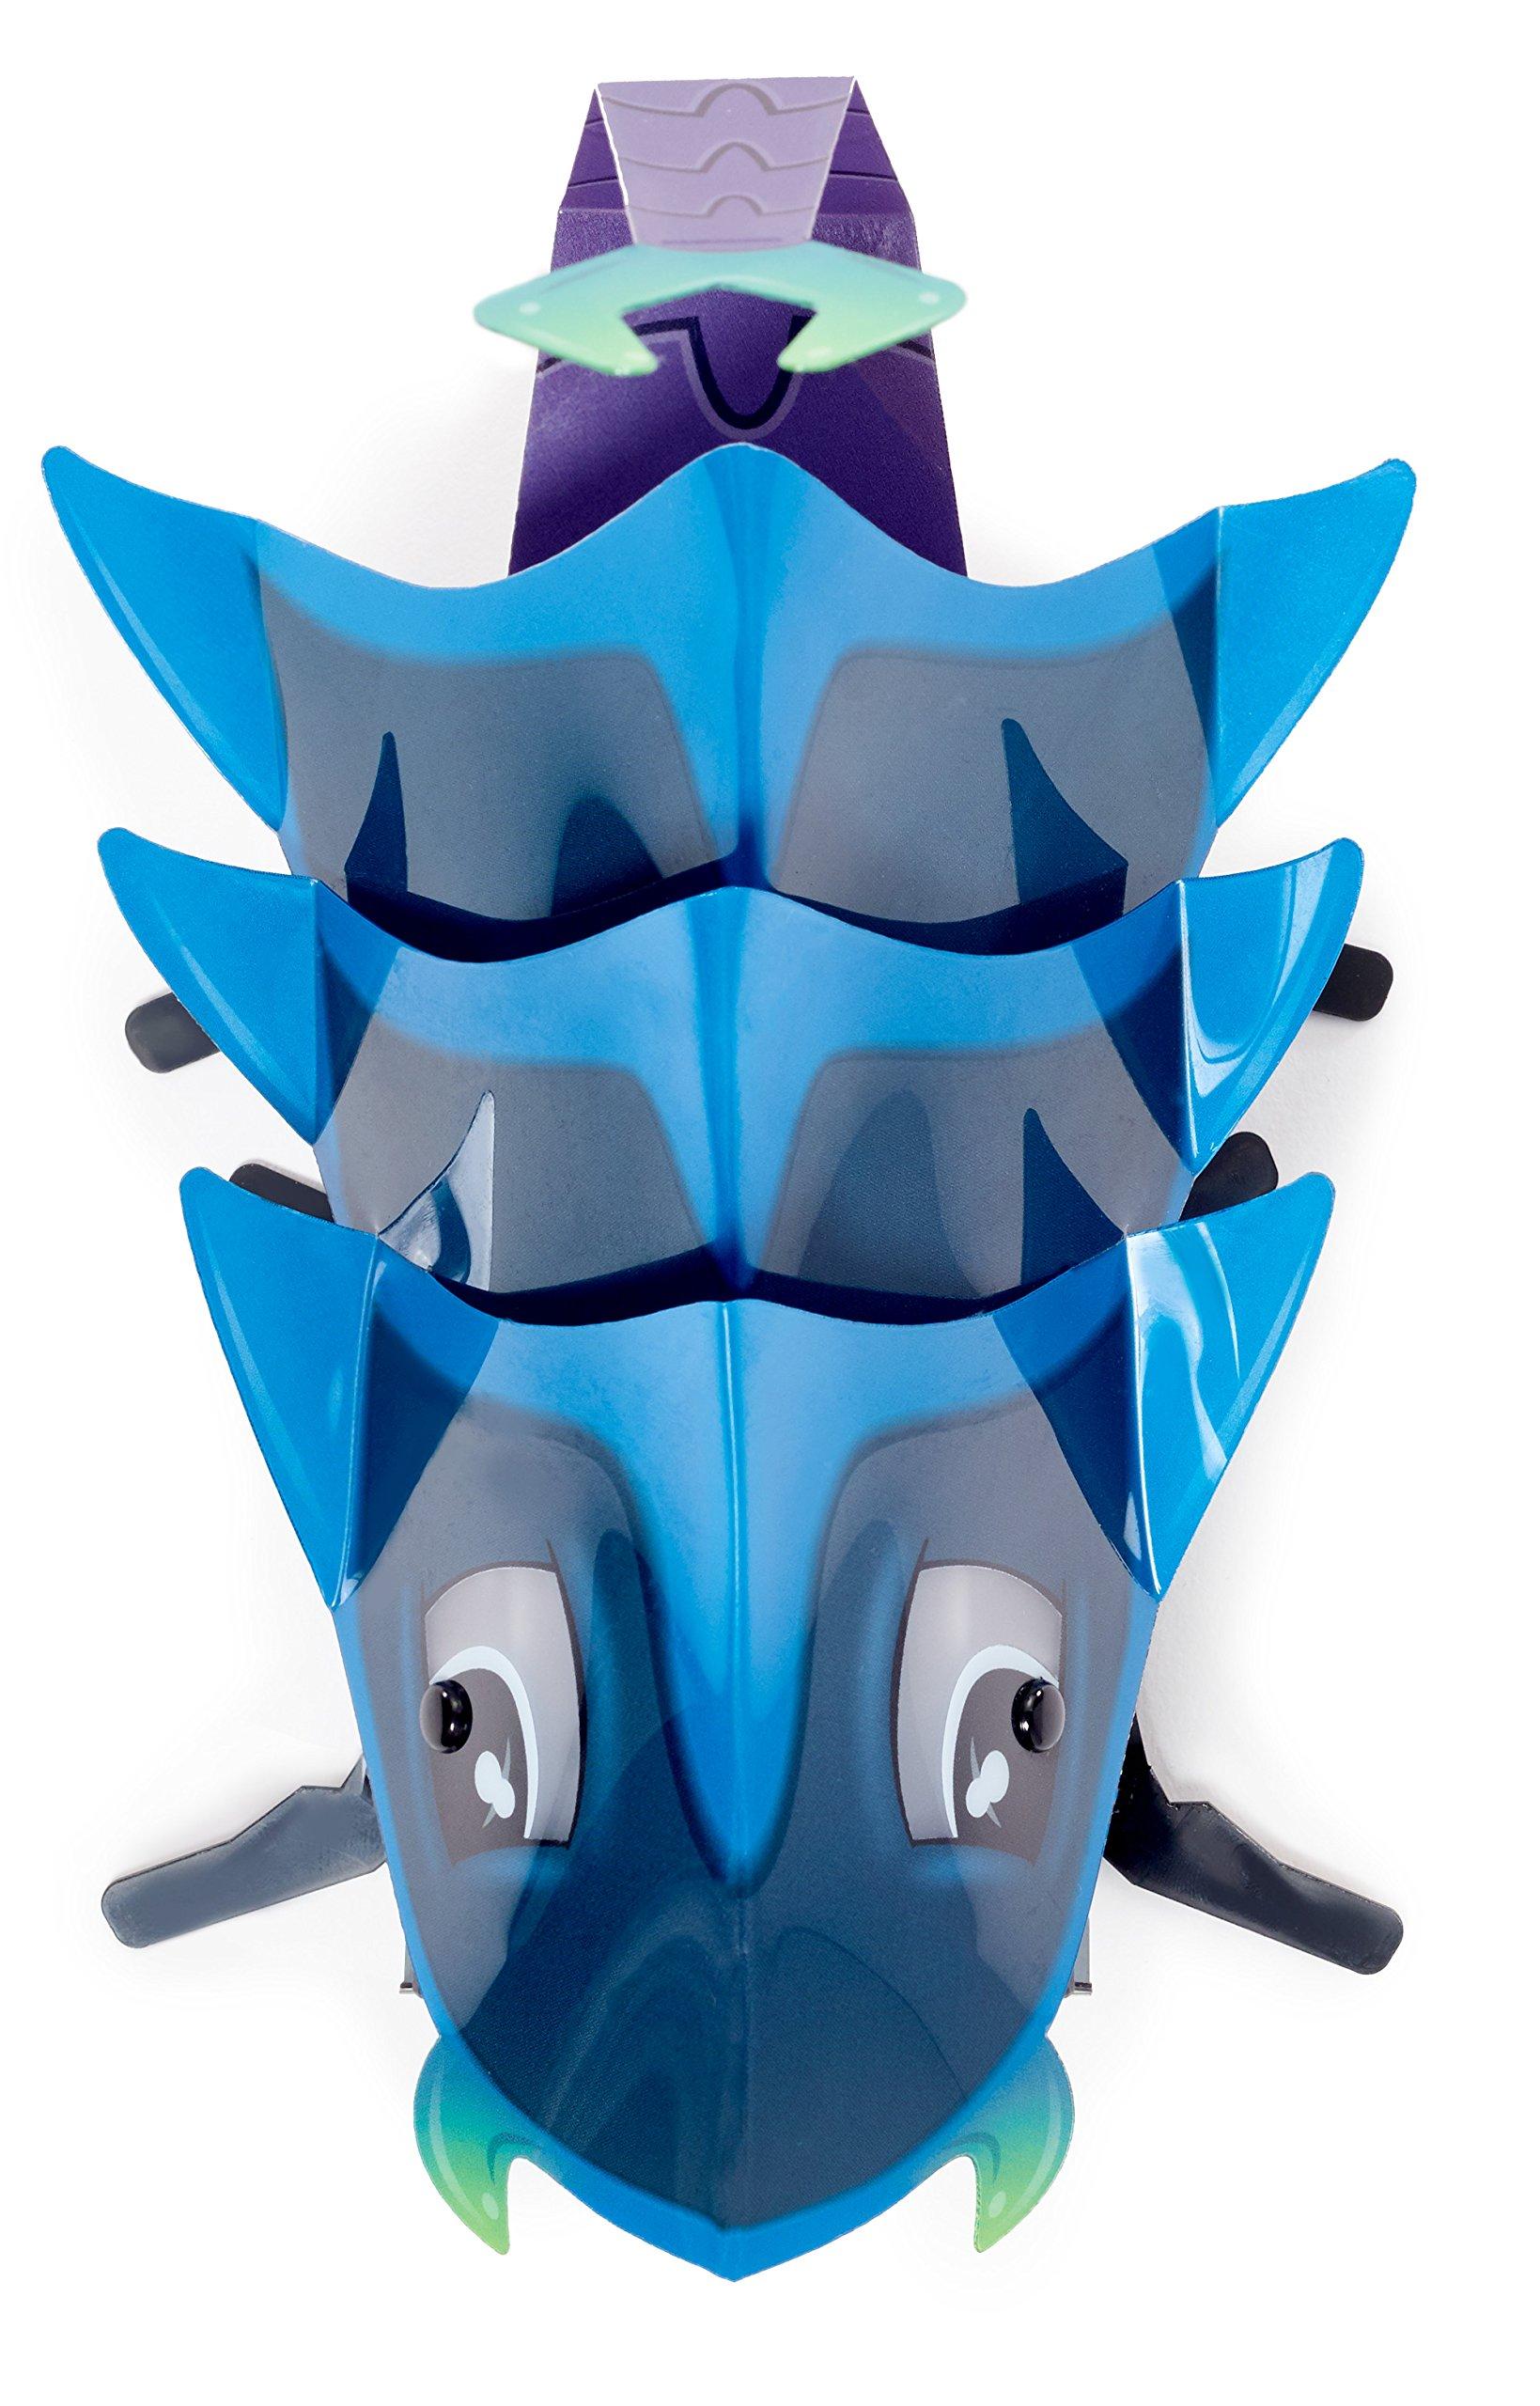 Kamigami Musubi Robot by Mattel (Image #2)